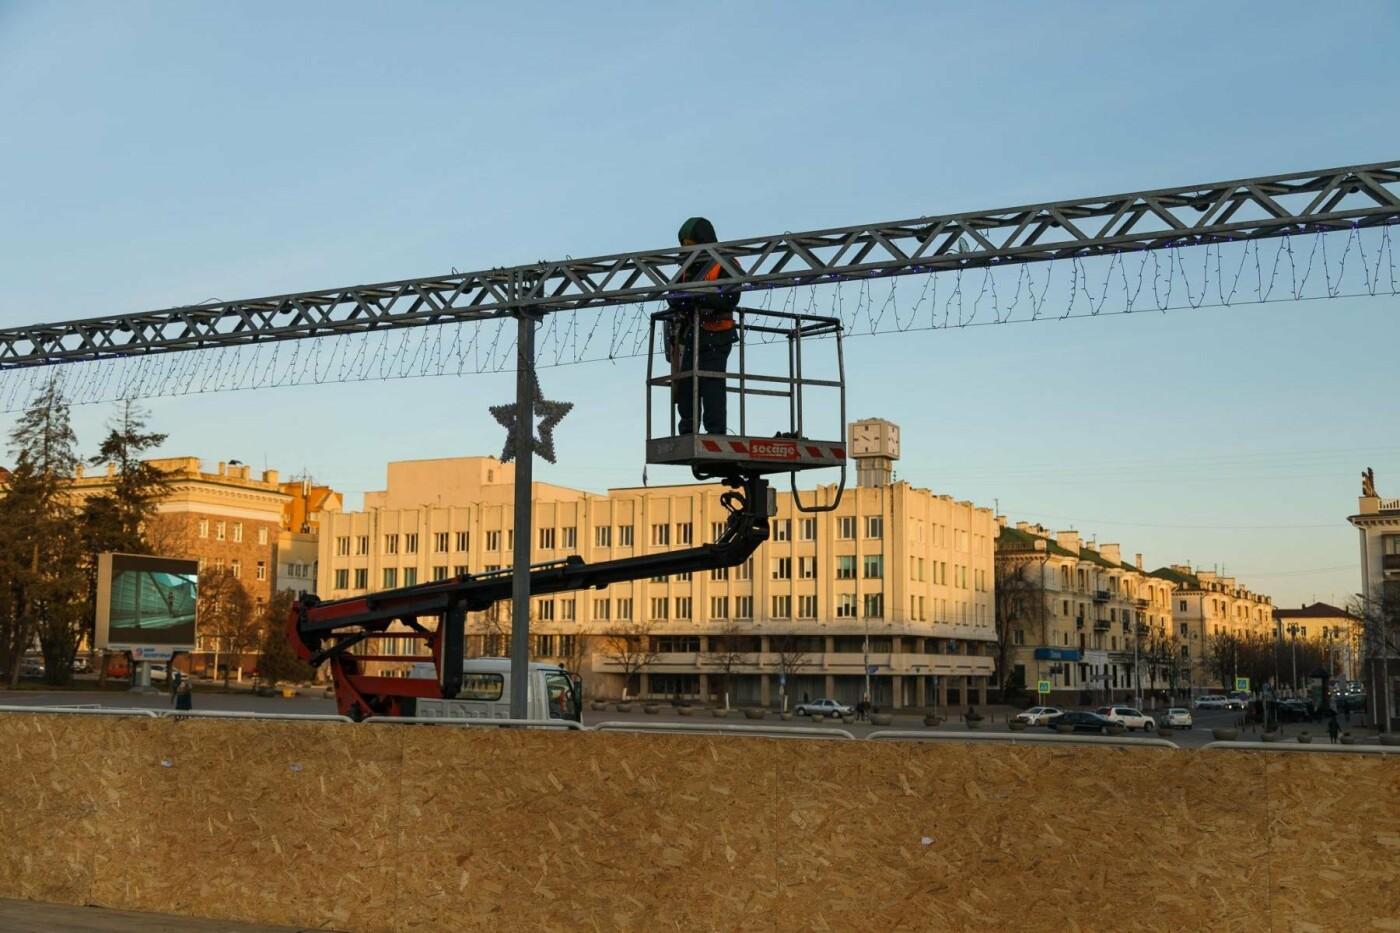 В соцсетях сообщили об установке ёлки на площади, но рабочие всё разобрали. Почему?, фото-11